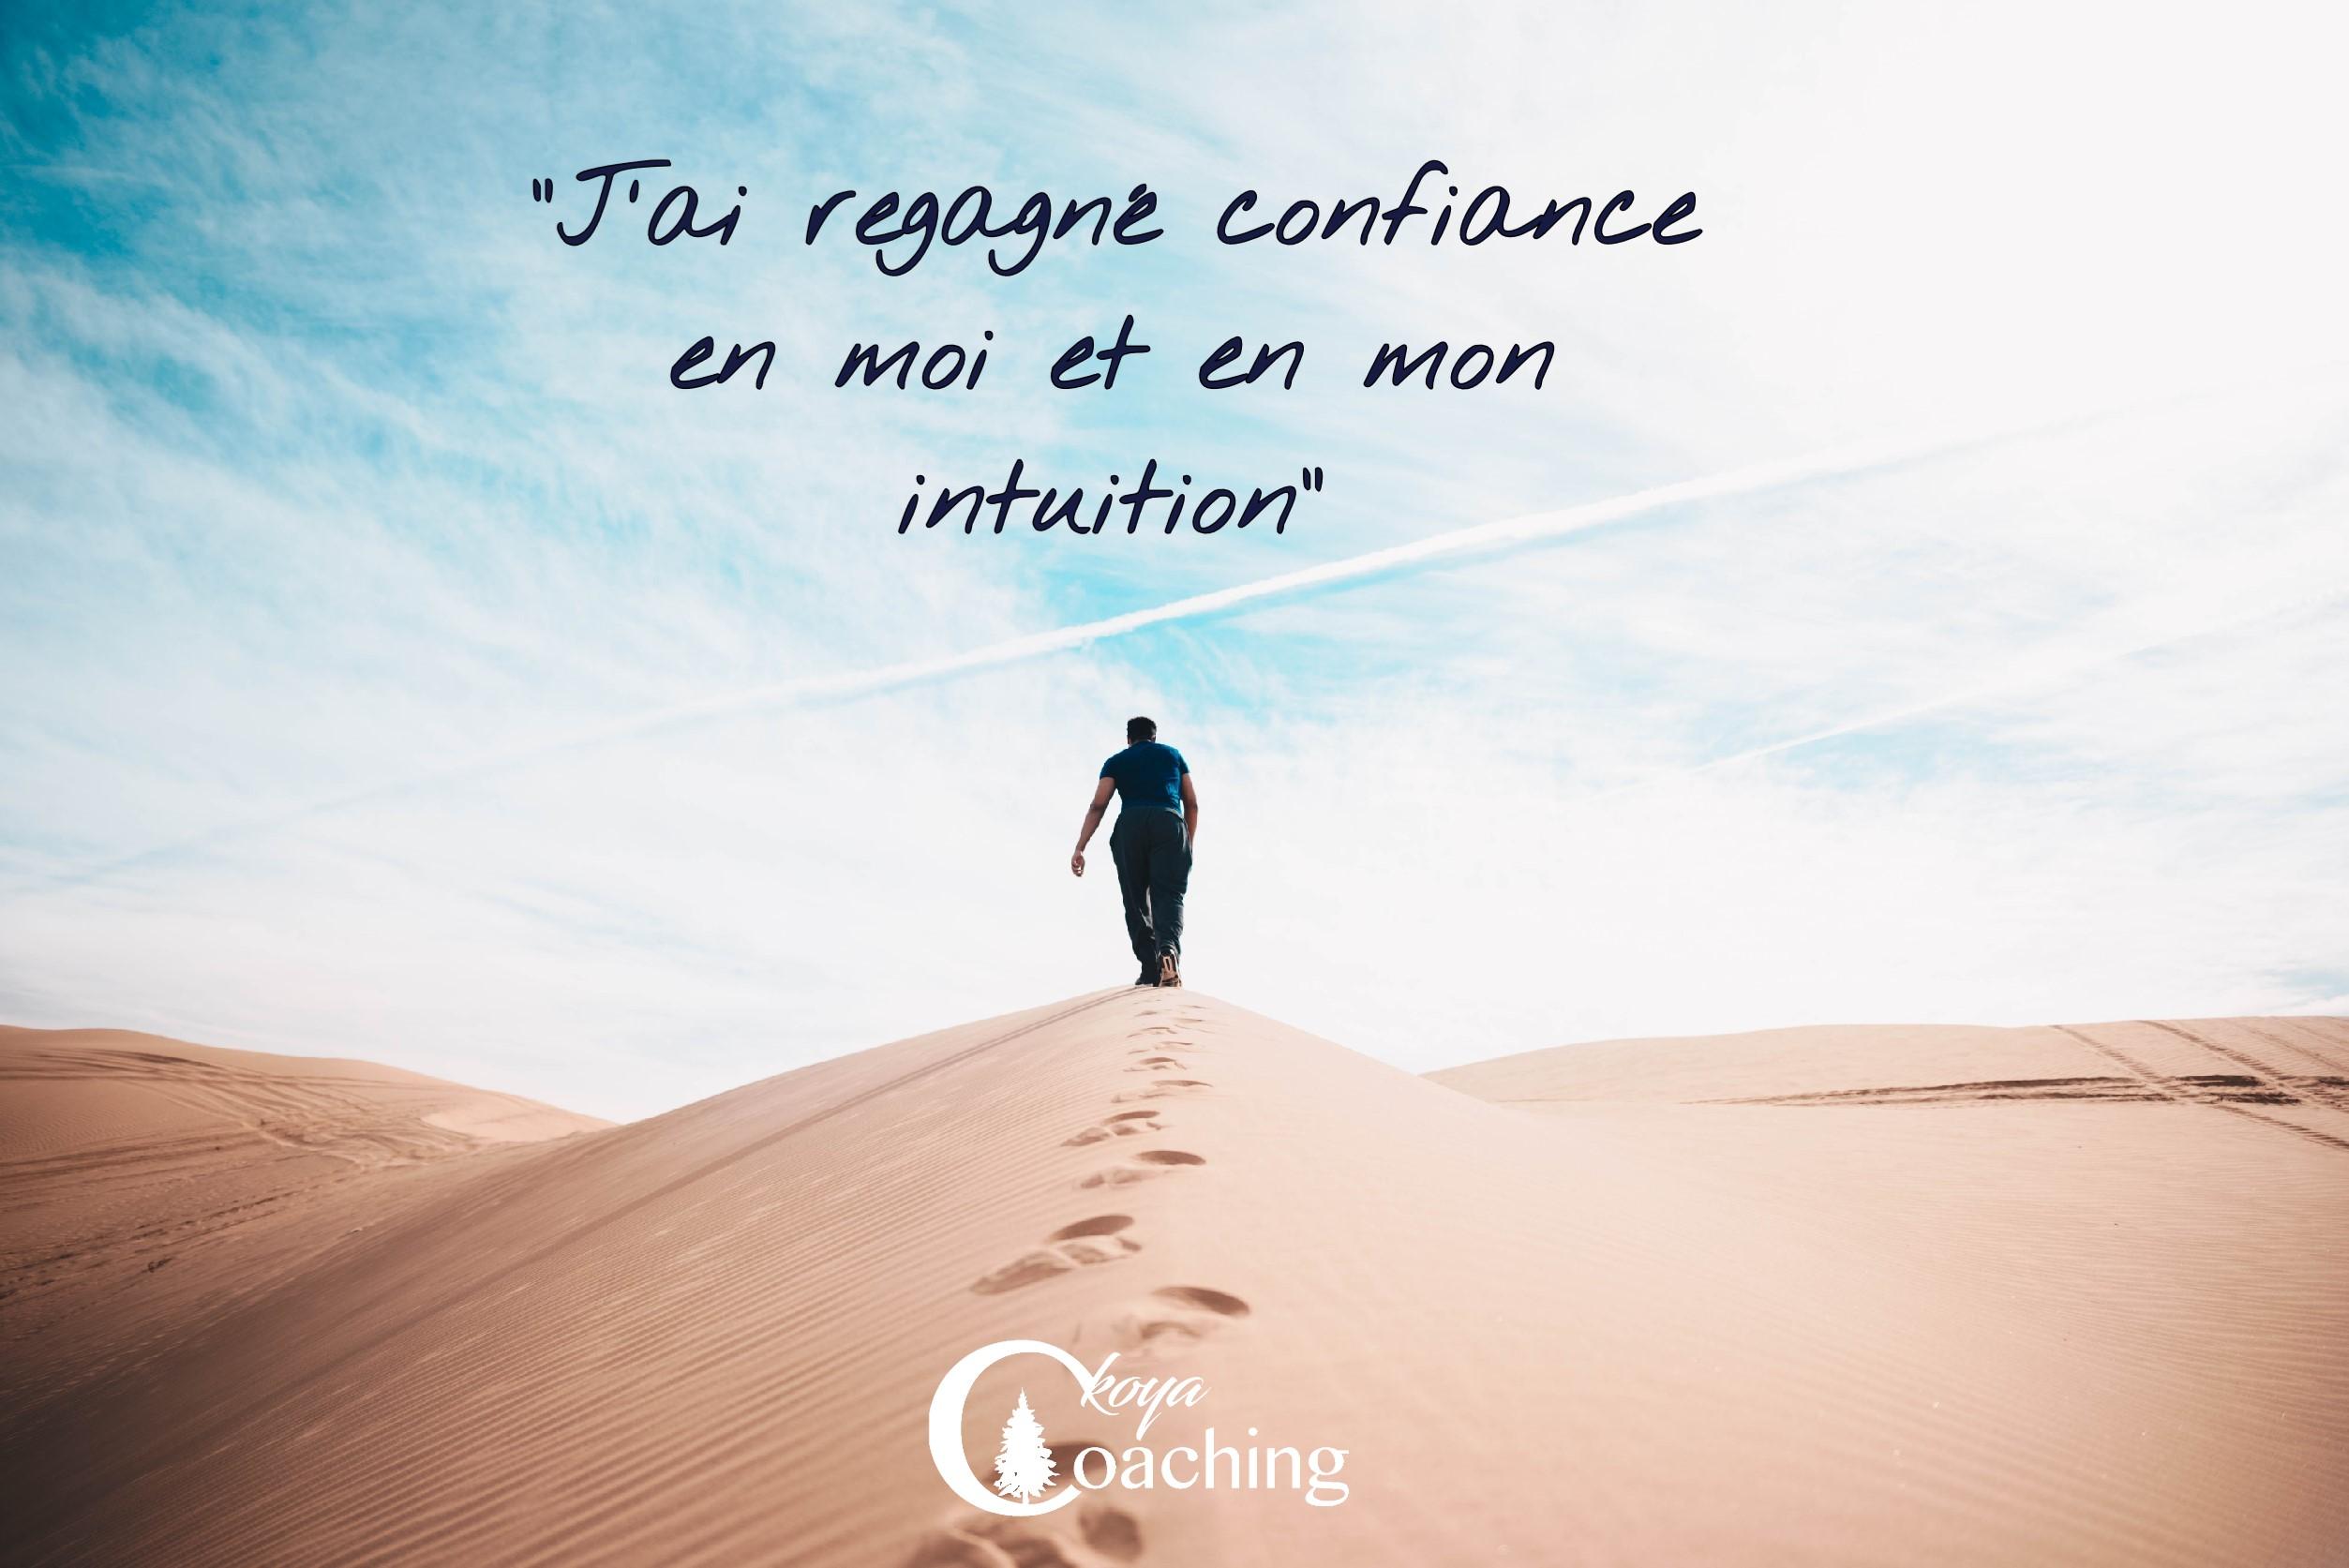 Mon Parcours Ariane C'Koya Coaching 13